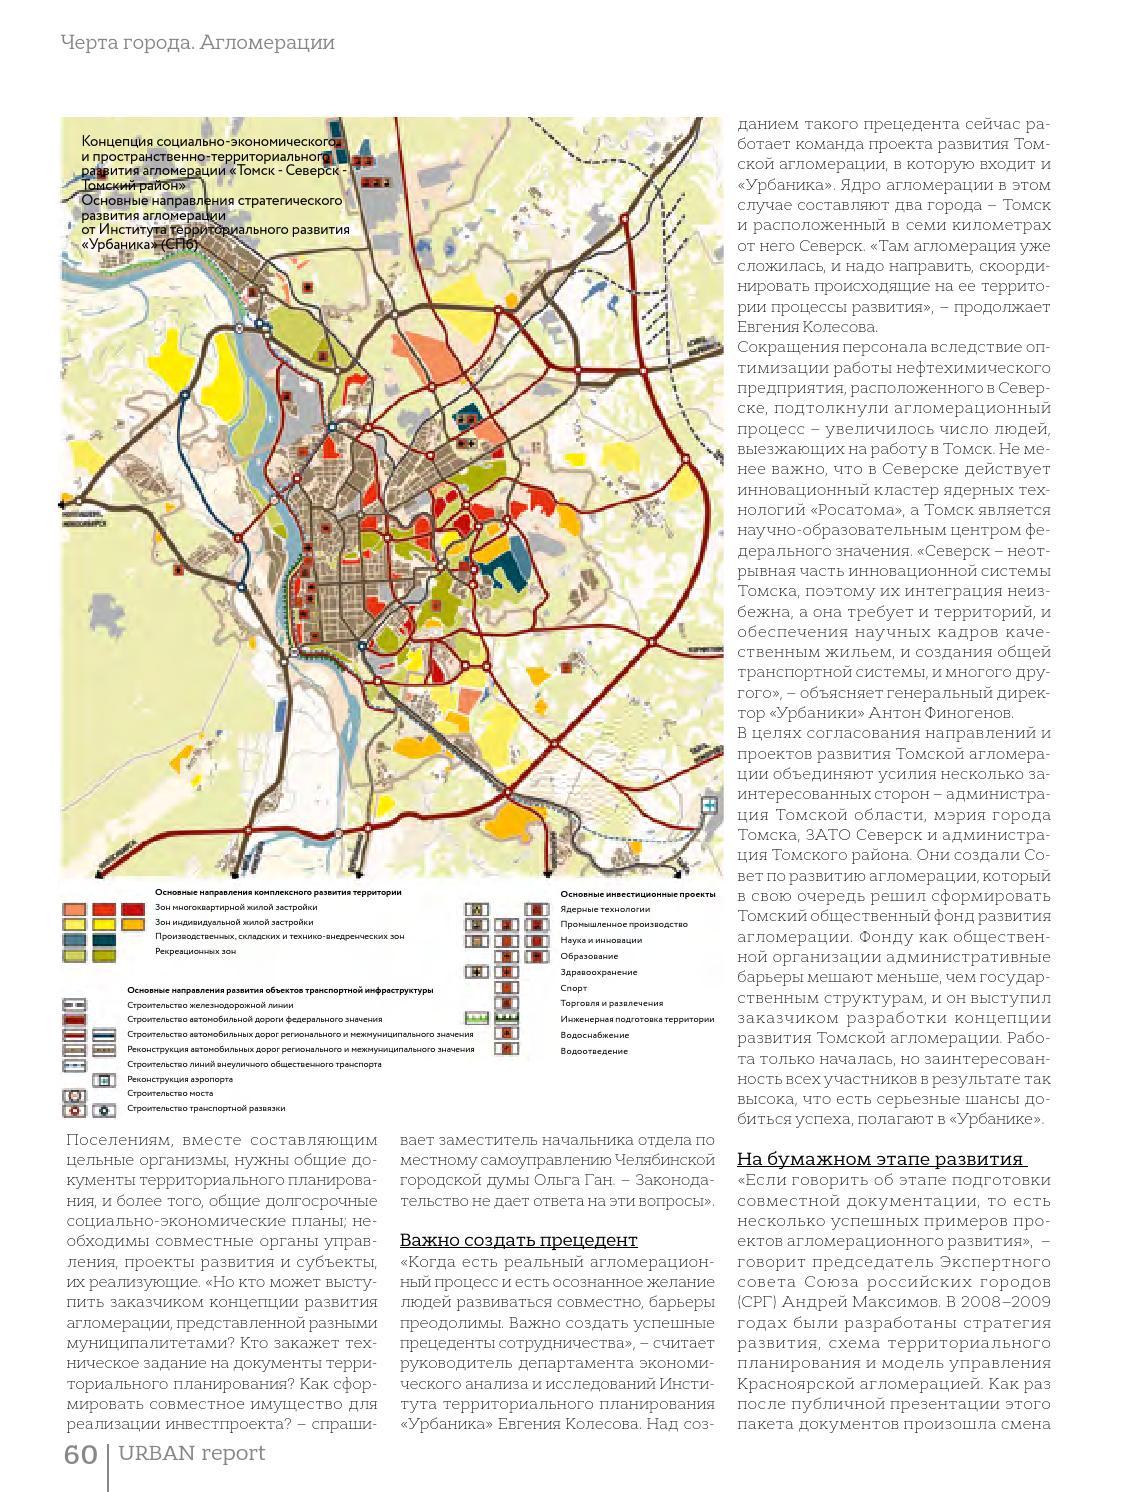 Схемы территориального планирования красноярская агломерация